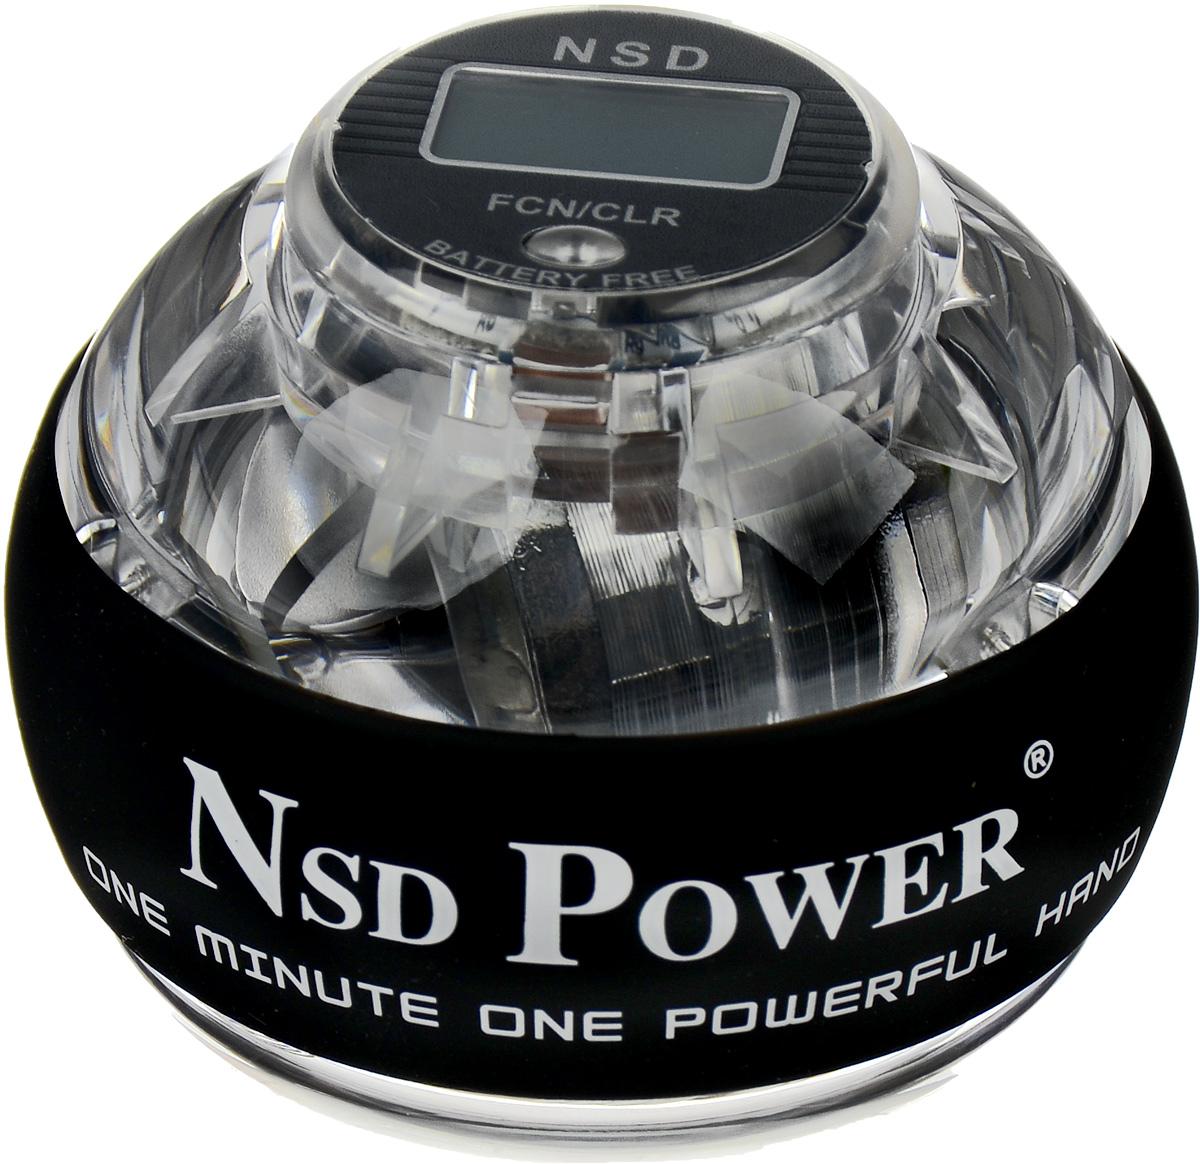 Тренажер кистевой NSD Power Powerball Pro, цвет: прозрачный, серебристыйPB-688C CrystalКистевой тренажер NSD Power Powerball Pro - обновленная модельсо счетчиком, изготовленная из более прочного материала ссистемой защиты ротора. Ротор тренажера выполнен из металла исбалансирован так, что его можно раскрутить до 15000 оборотов вминуту, правда, для этого нужно приложить немалые усилия. Новыйсчетчик со встроенным генератором, работает без батареек.Счетчик позволяет контролировать скорость вращения ротора, чтодает возможность проследить свои успехи в тренировках.В комплект входят инструкция и два шнурка. Стильный тренажер для кисти рук, который можно использовать влюбую свободную минуту и в любом удобном месте. С помощьюNSDPower Powerball Pro можно проводить профилактику туннельногосиндрома, боли в кистях и запястьях, которым особенно подверженылюди, работающие на компьютере. Размер тренажера: 6,5 х 8 см.